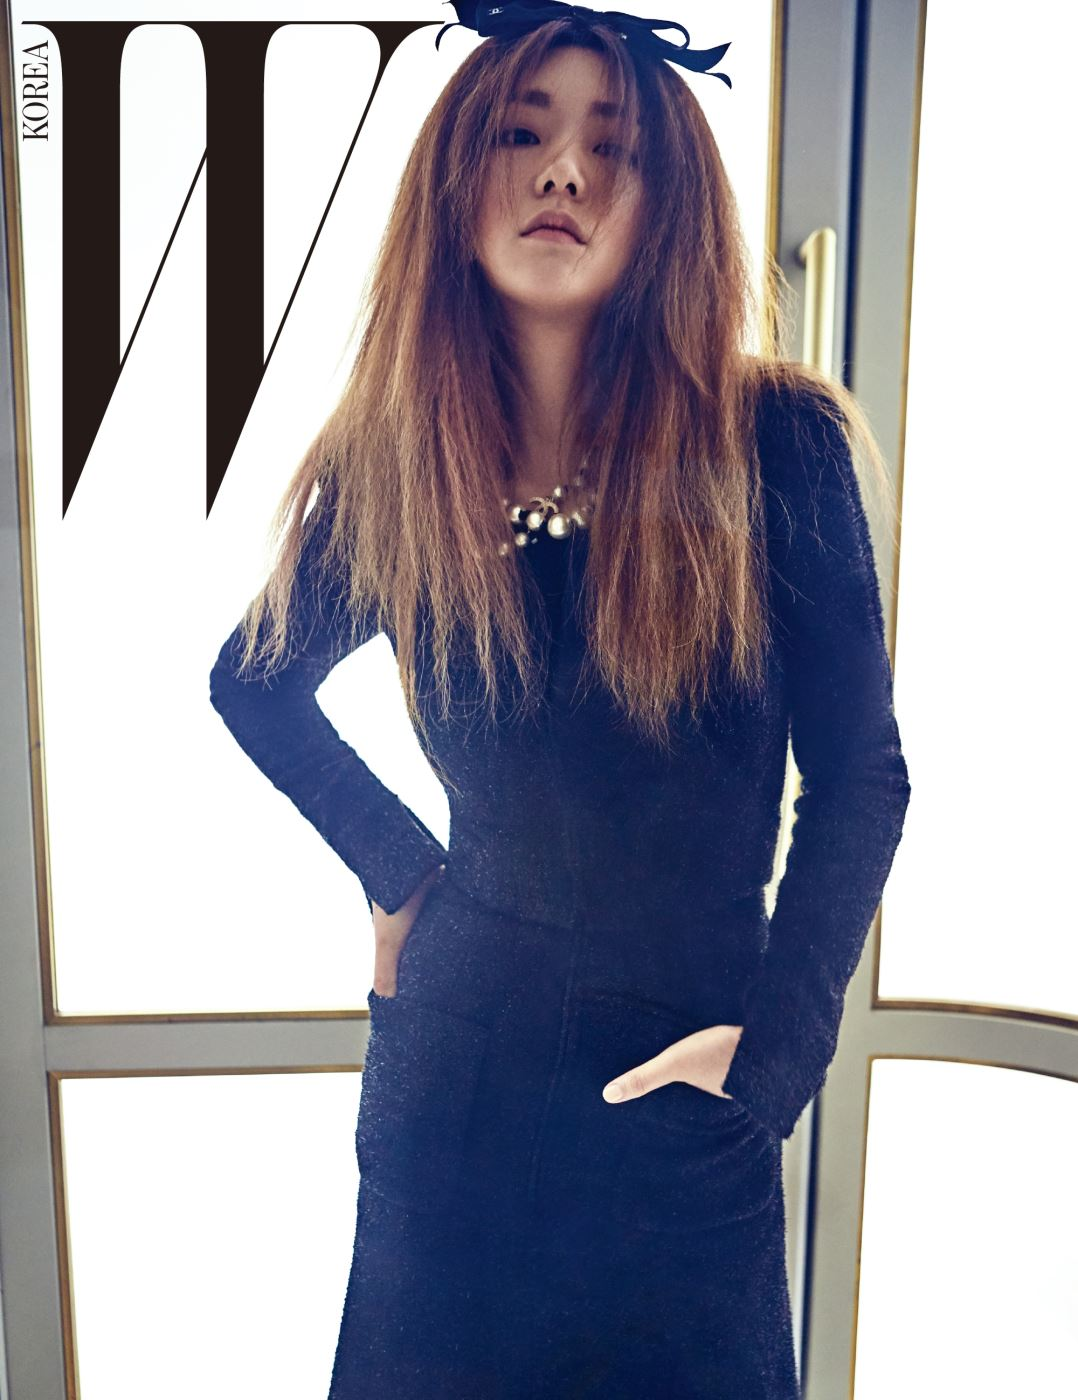 주머니가 장식된 검은색 미디 드레스, 그 위로 겹쳐 입은 펄감이 가미된 재킷, 큼지막한 진주 네크리스, 리본 헤어핀은 모두 Chanel 제품.